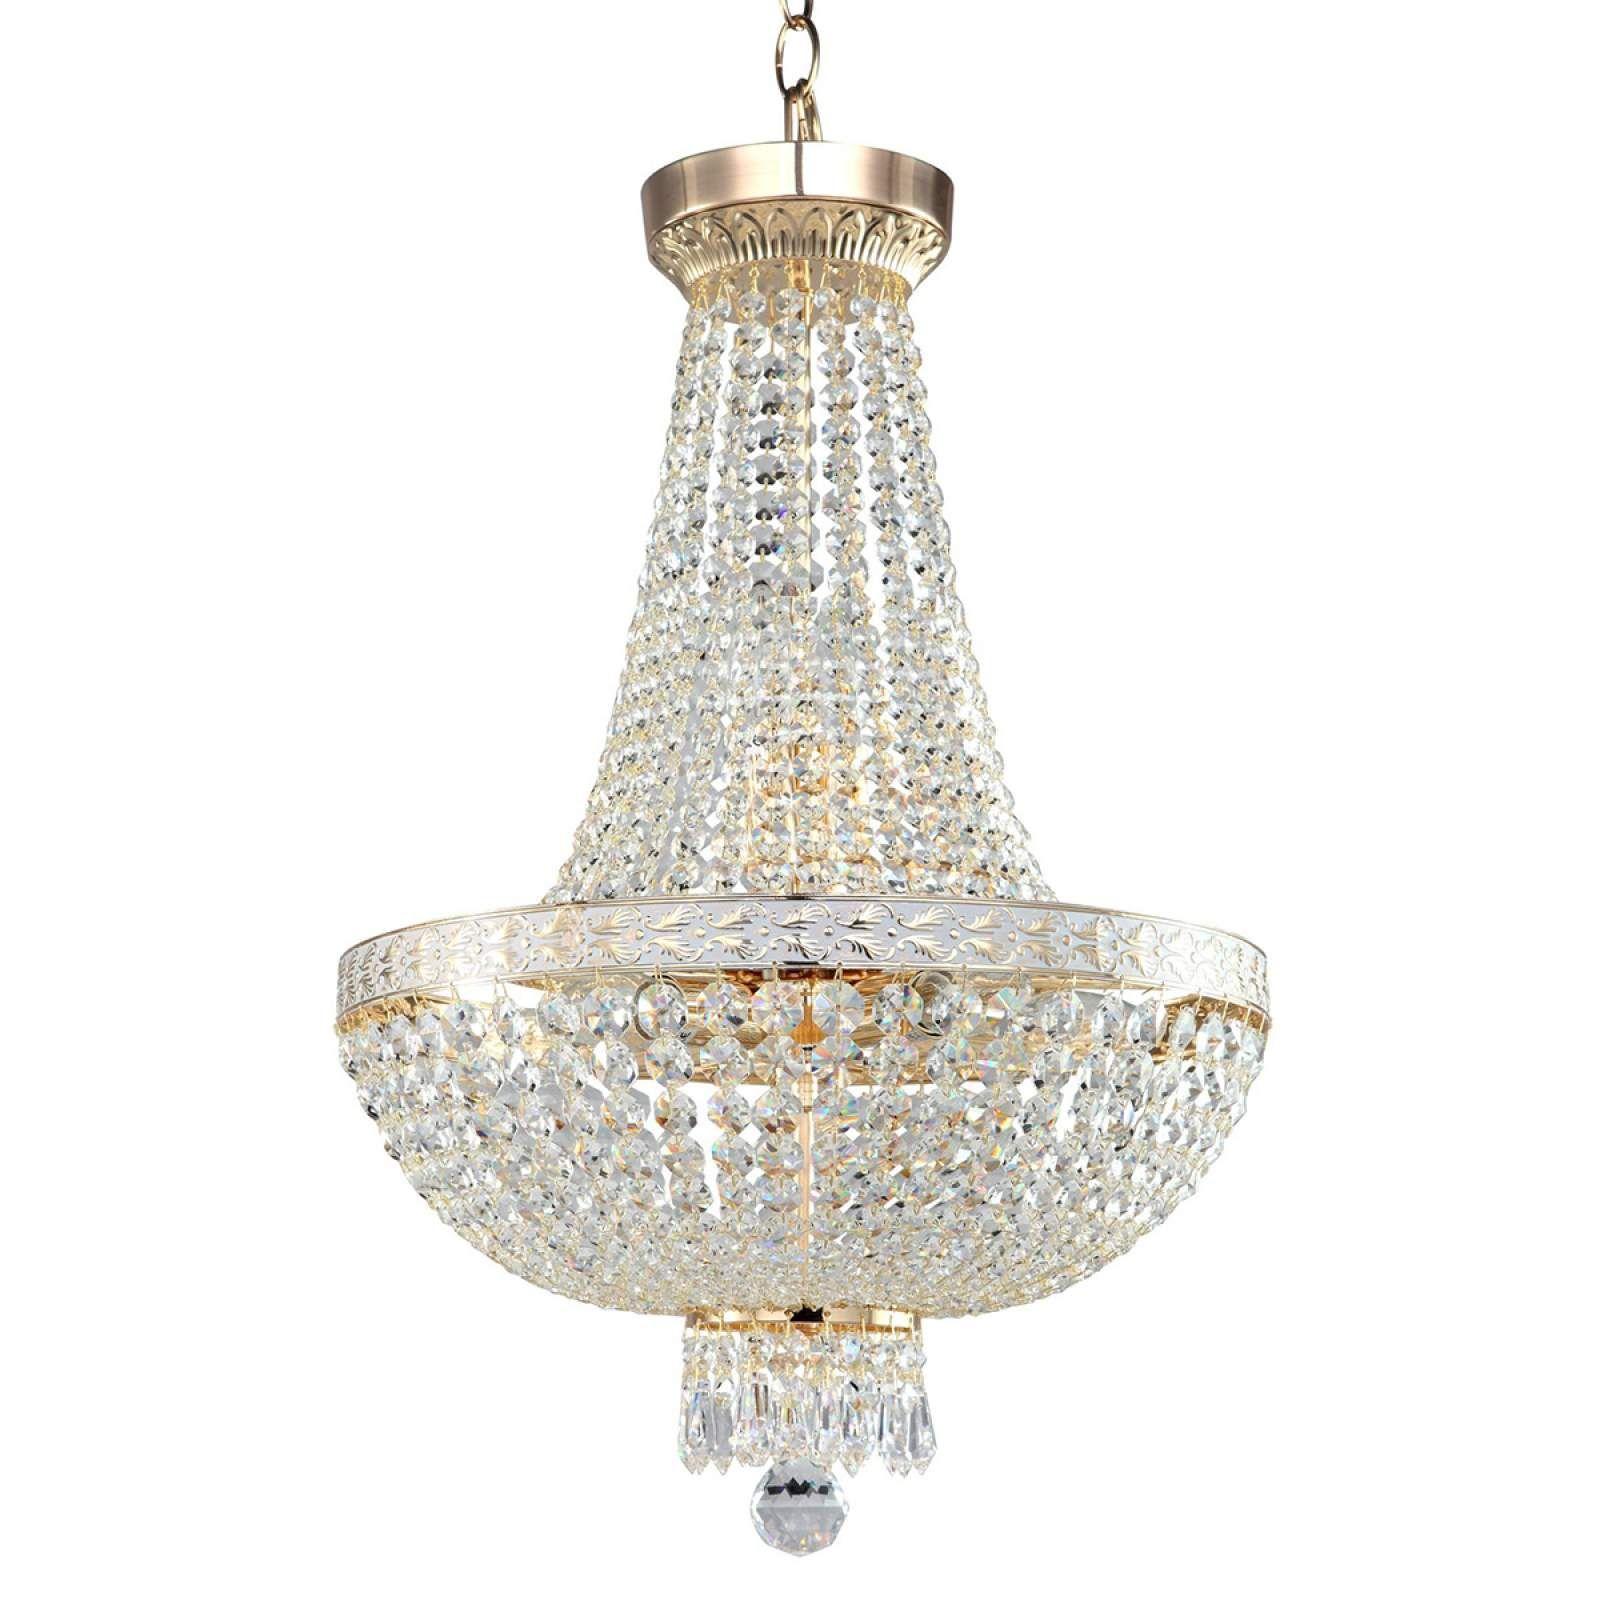 Decken Lampe Leuchte Kristall-Behang Luster Gold Beleuchtung Wohn Ess Zimmer